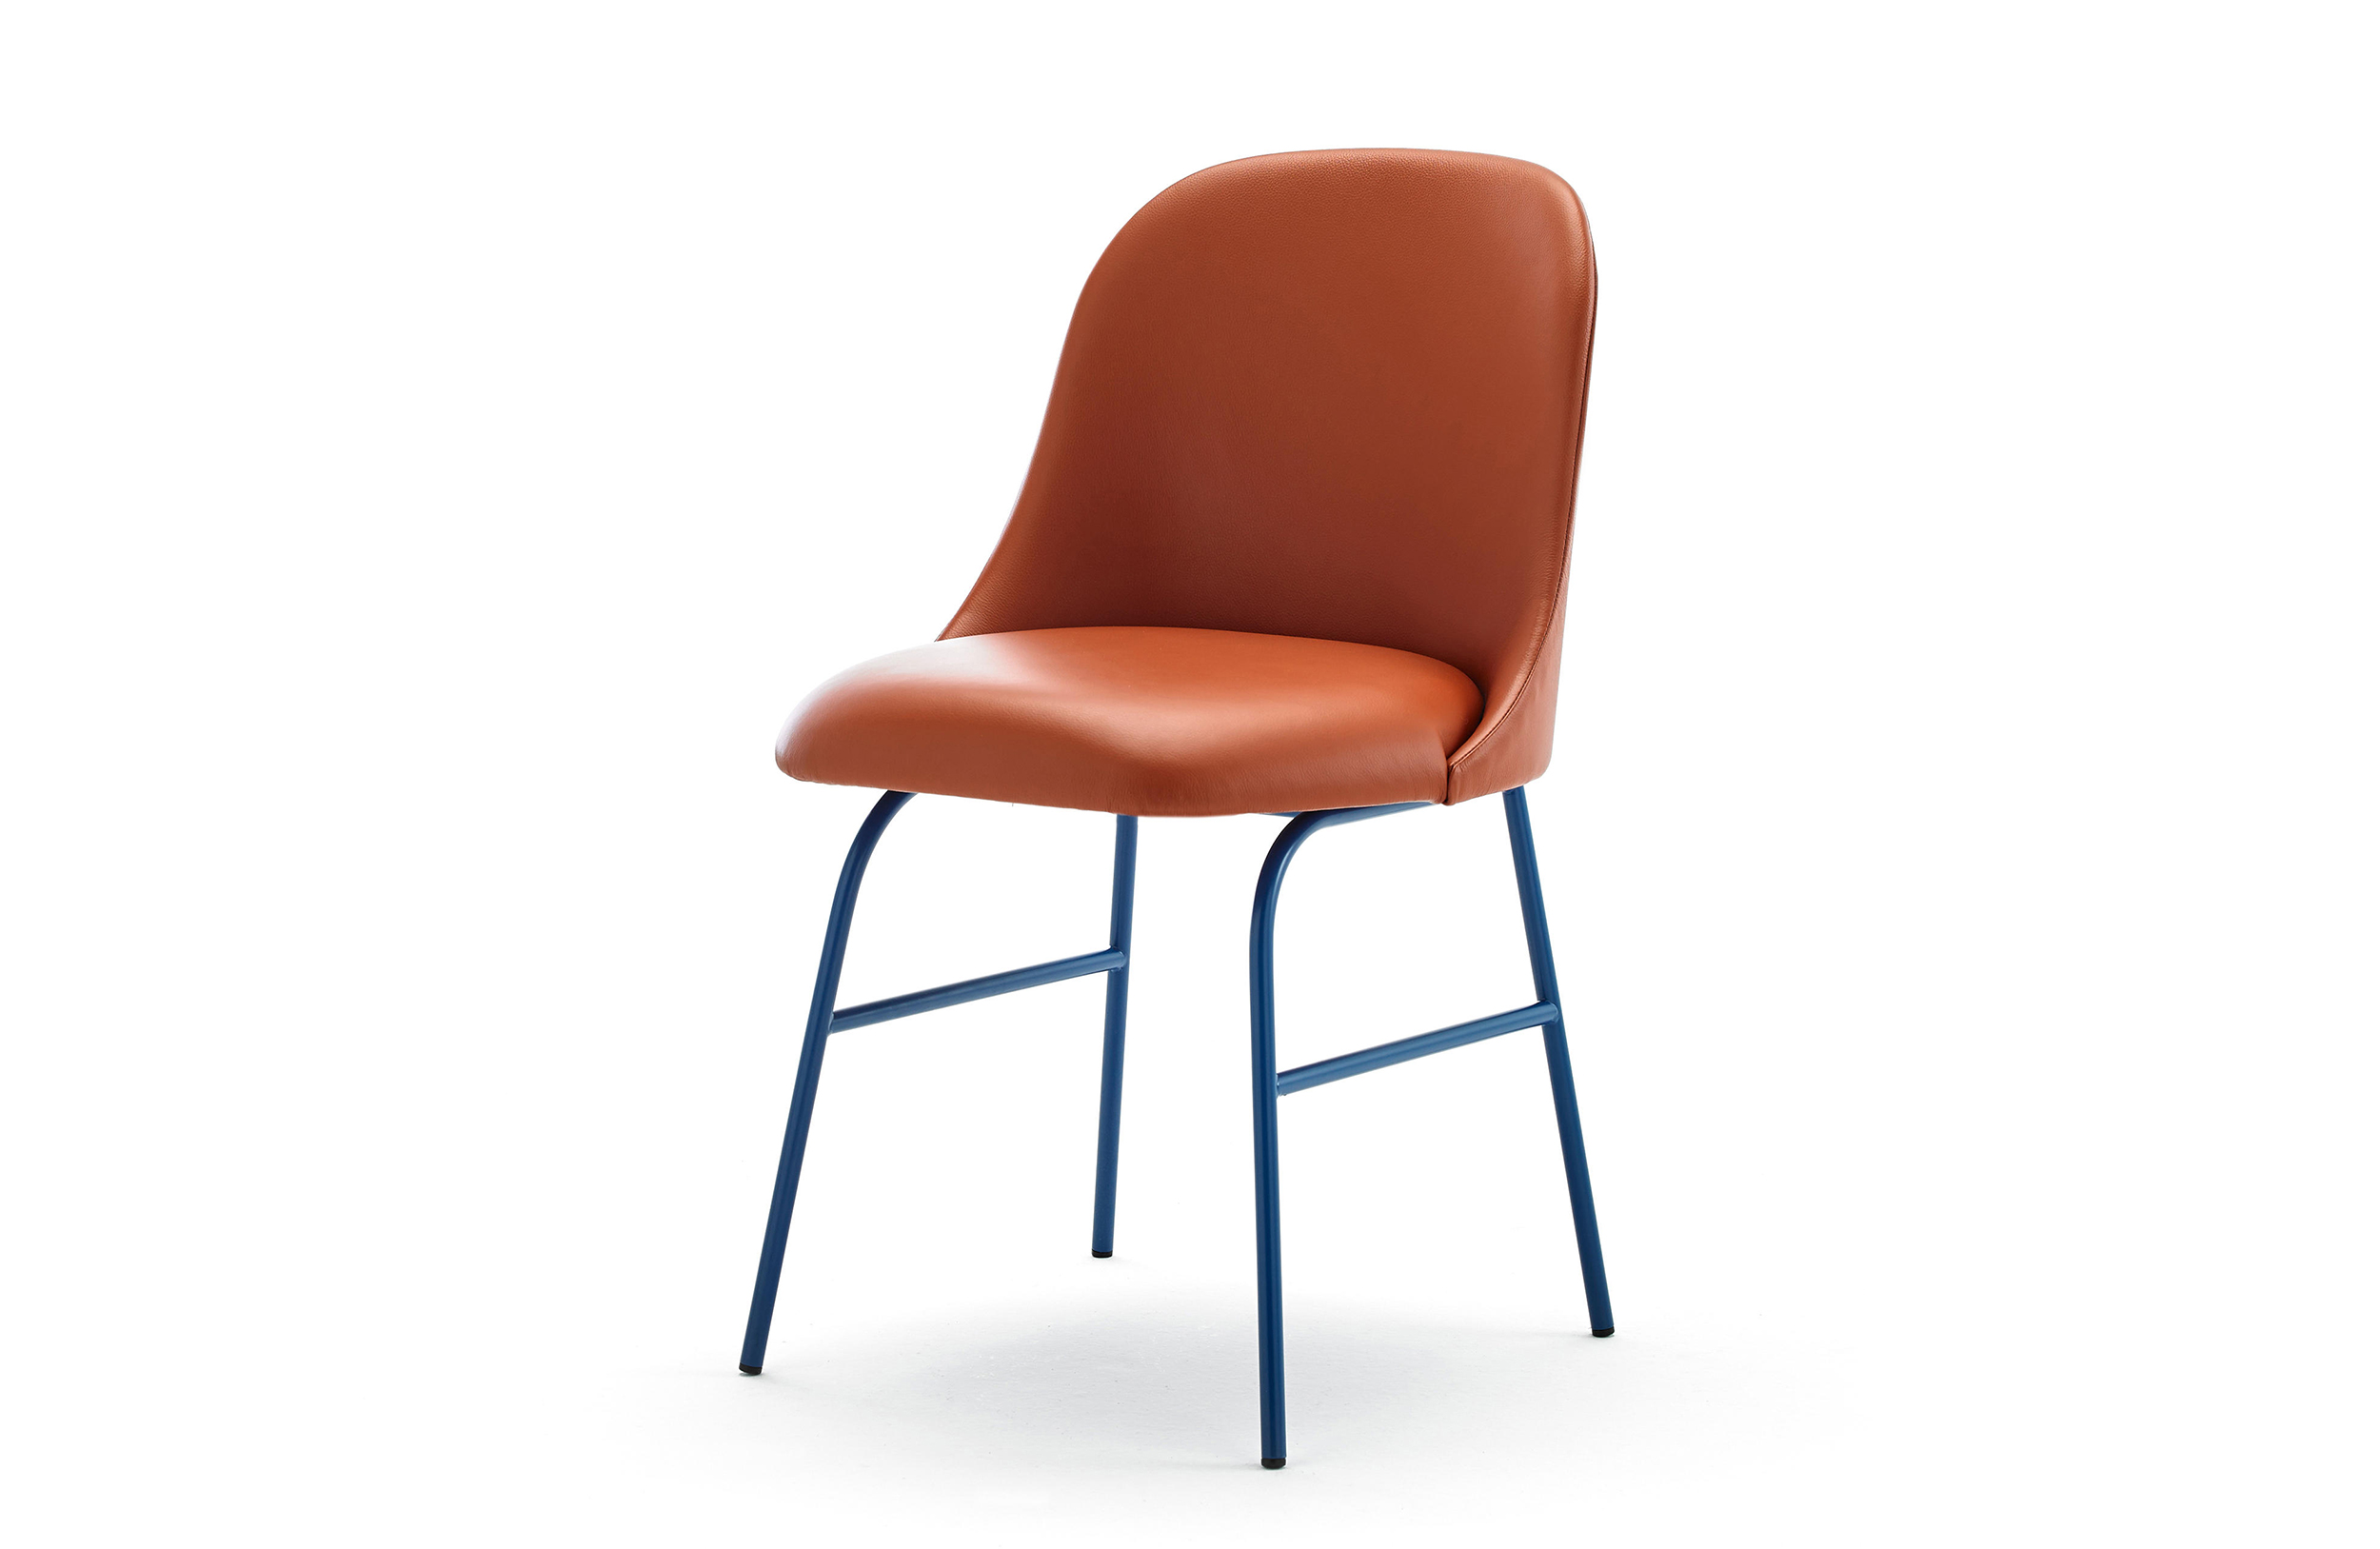 坐具 餐椅 创意家具 现代家居 时尚家具 设计师家具 定制家具 实木家具 ALETA  餐椅/洽谈椅